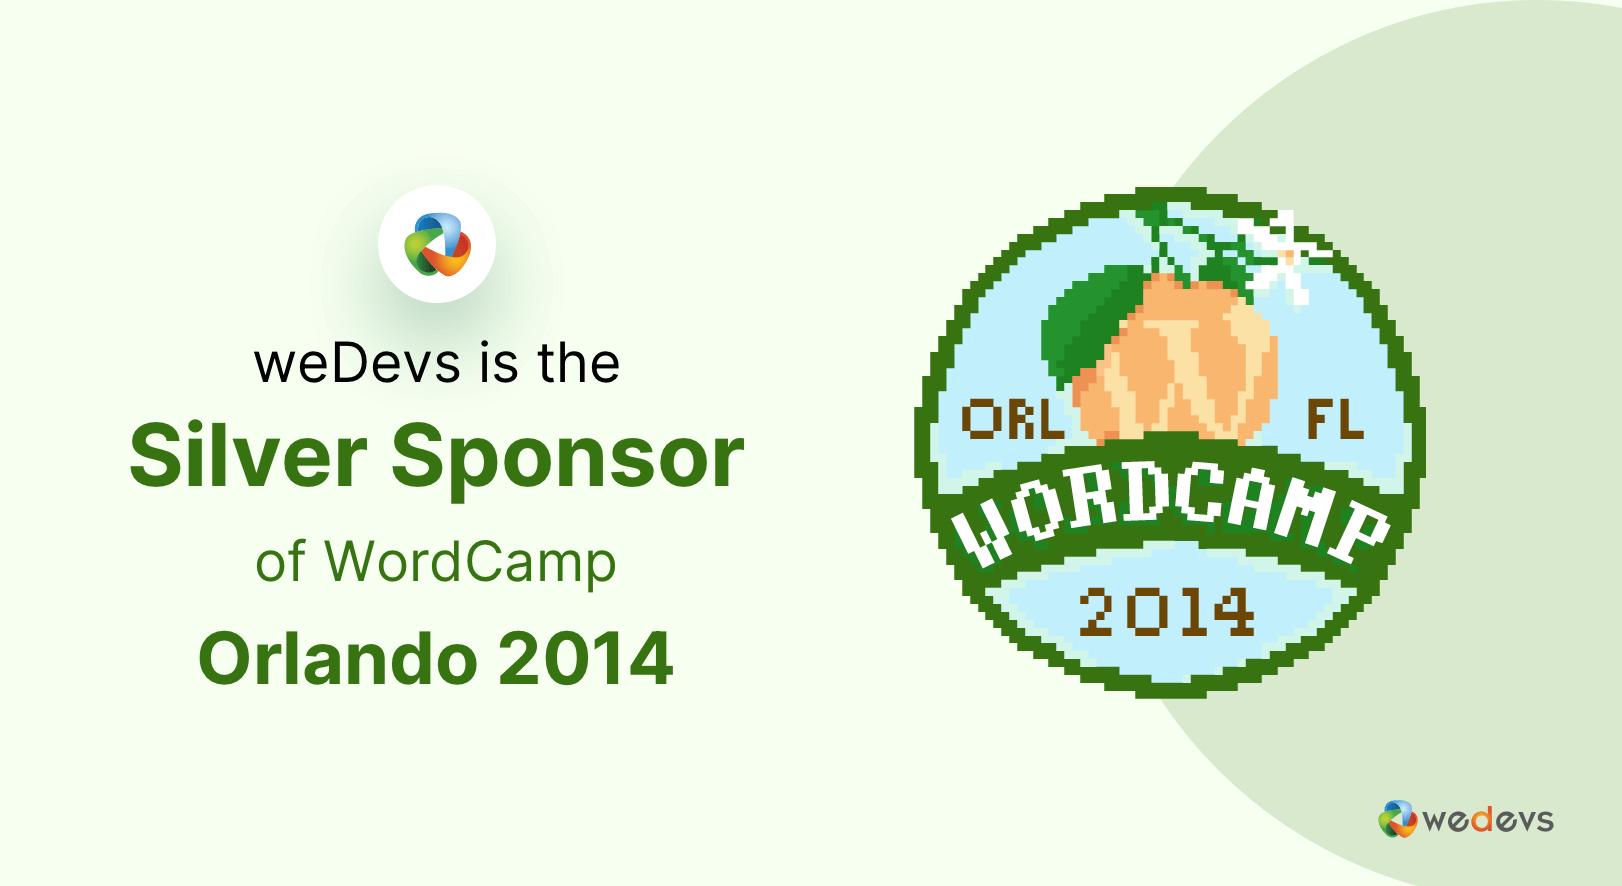 weDevs is the Silver Sponsor of WordCamp Orlando 2014